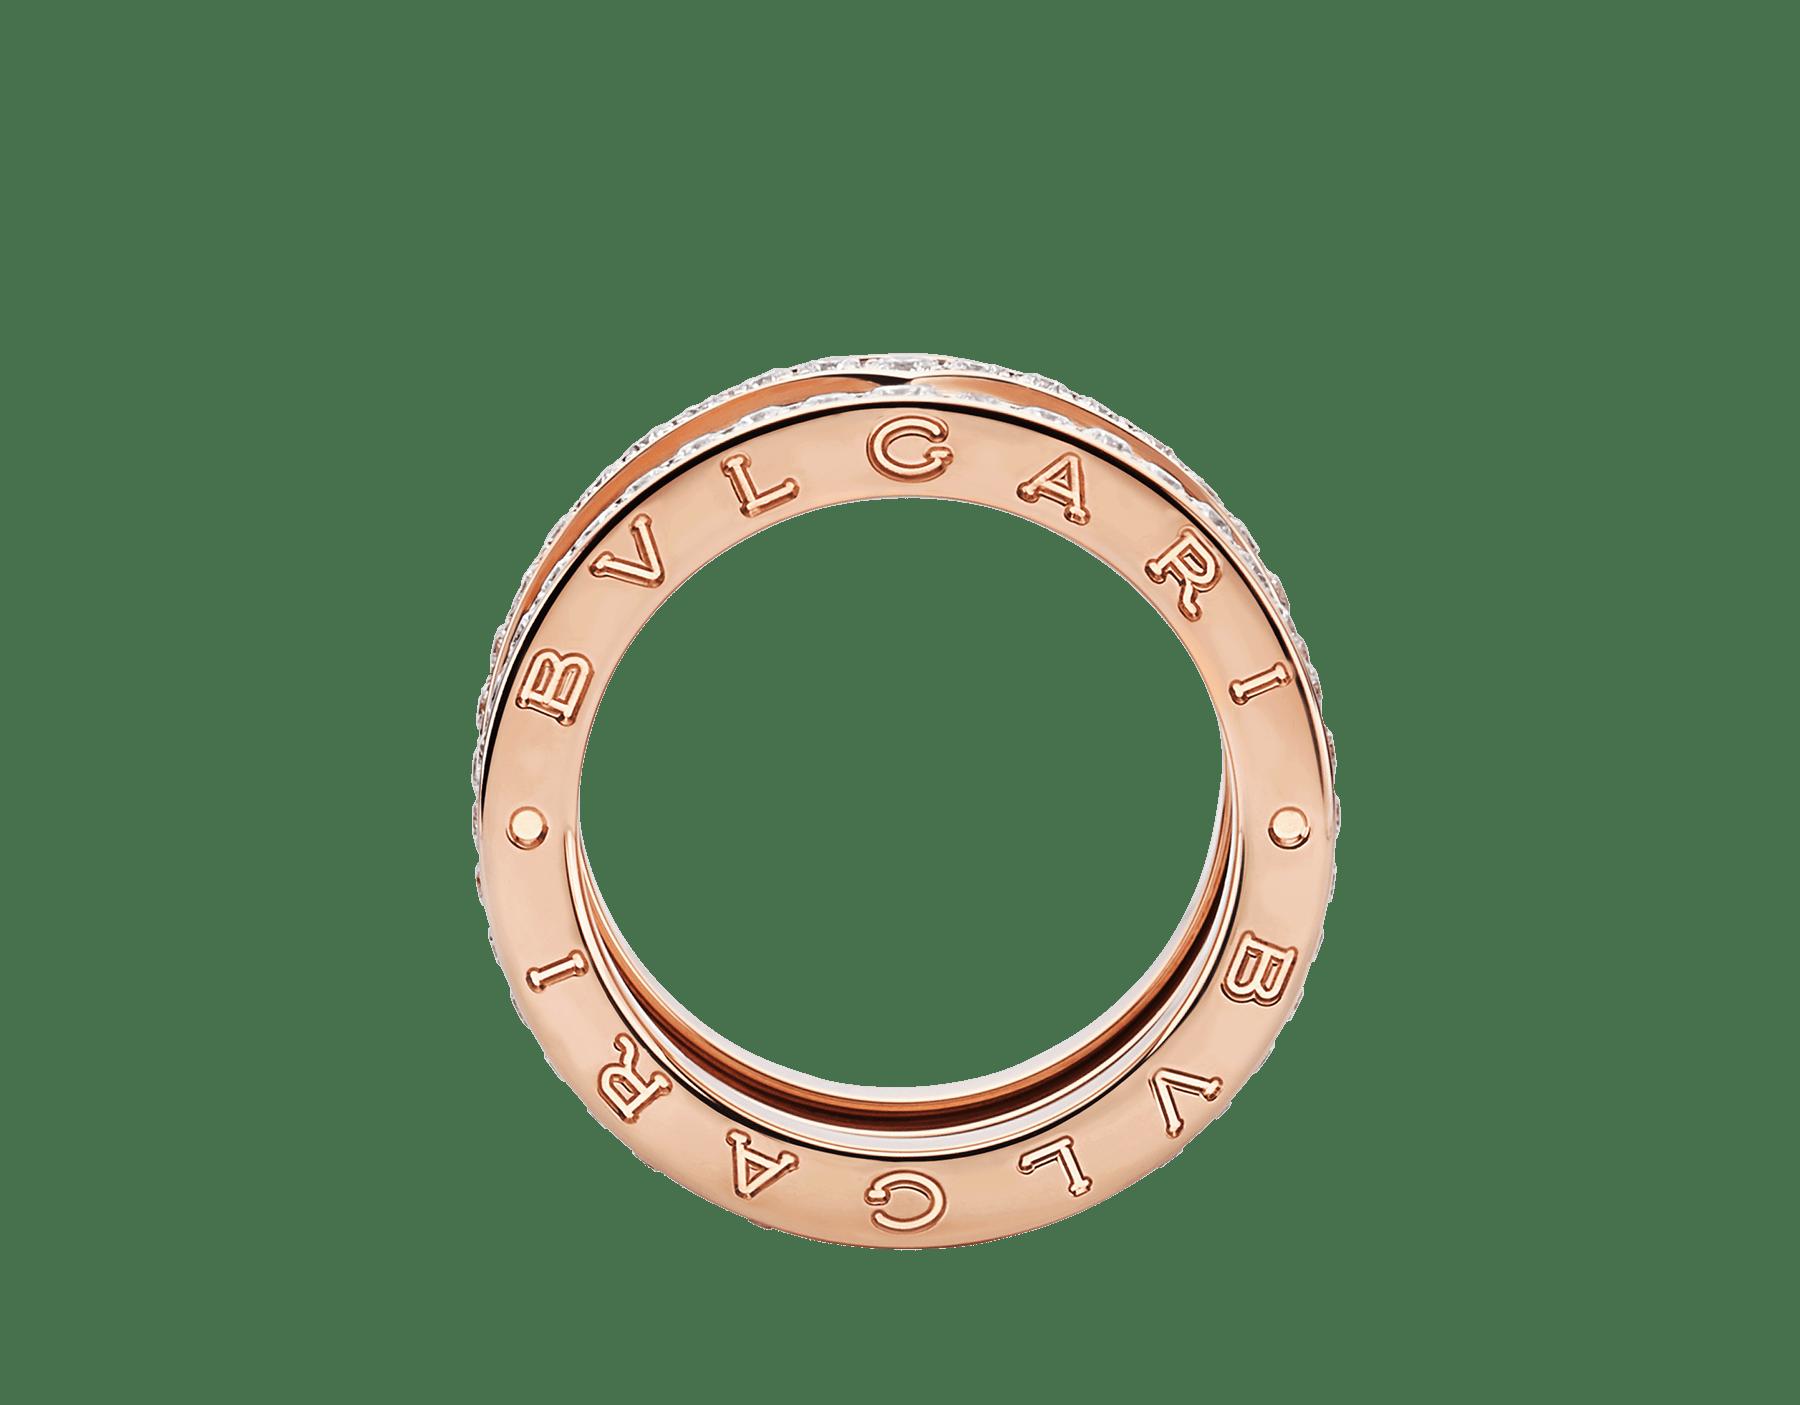 Fundindo o caráter ousado de suas curvas fluidas com a preciosidade de diamantes cravejados, o anel B.zero1 revela um espírito versátil e uma elegância contemporânea. B-zero1-4-bands-AN856293 image 2